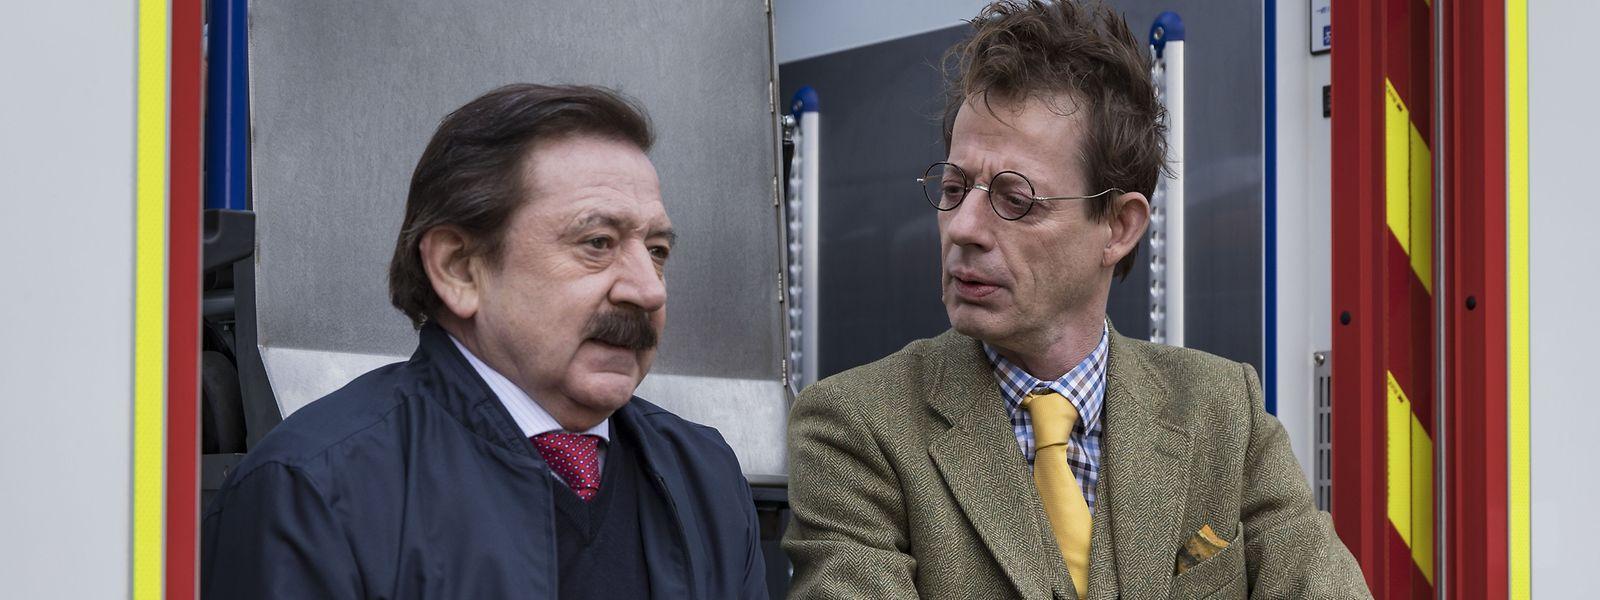 Charel Kuddel (André Jung, l.) und Inspekter Schrobiltgen (Luc Feit)